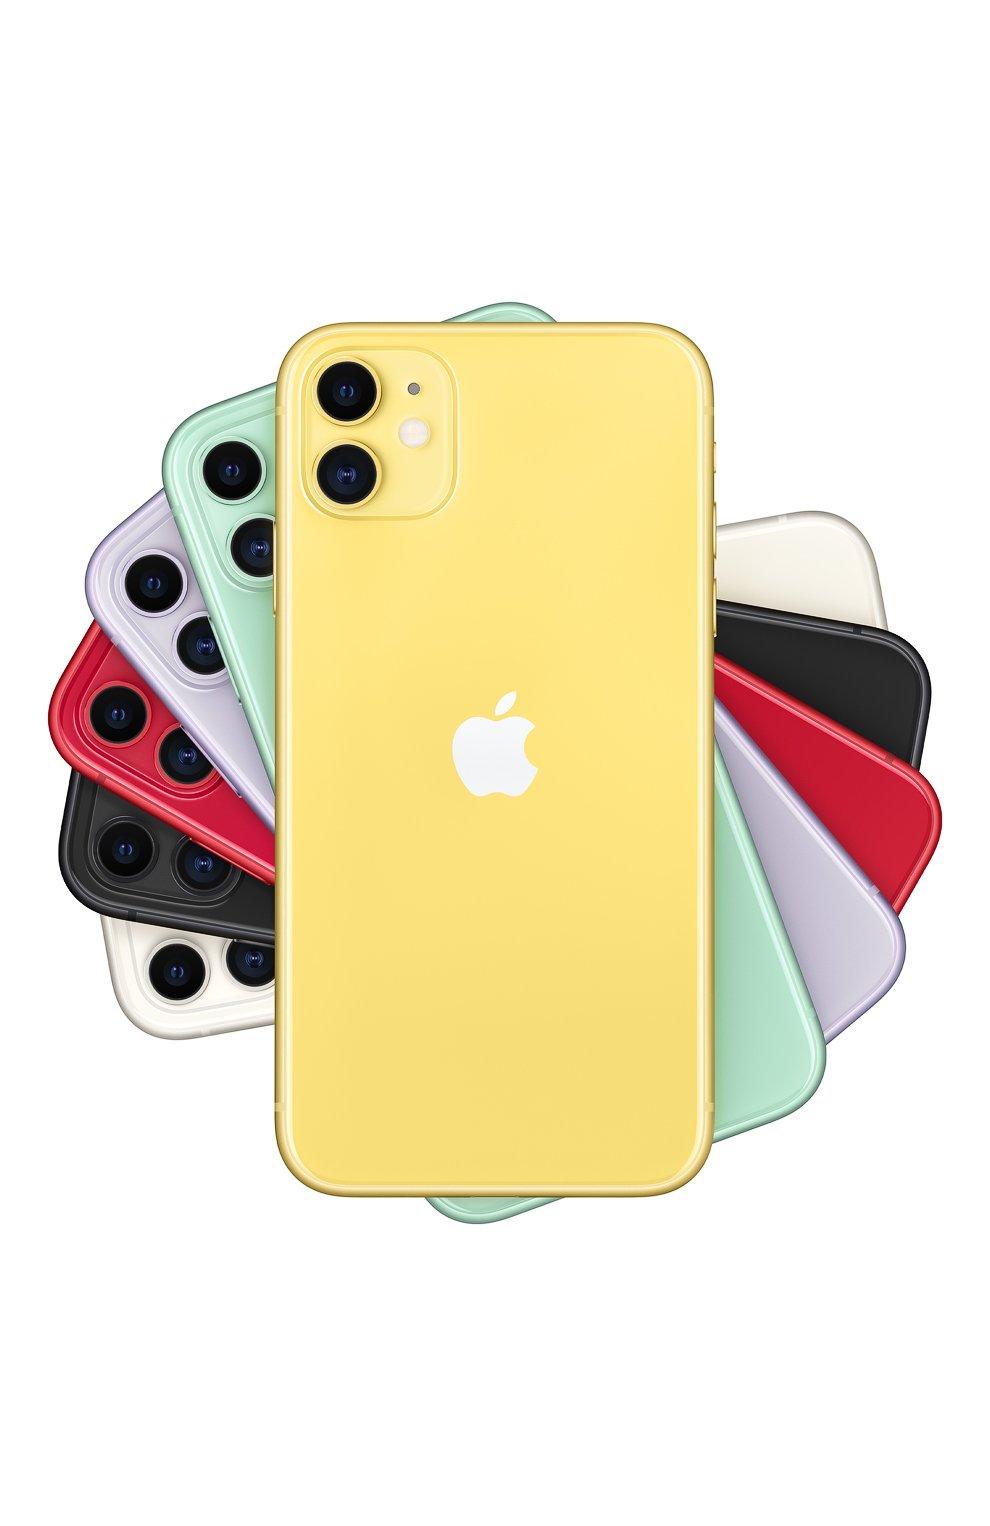 Мужской iphone 11 256gb yellow APPLE  yellow цвета, арт. MWMA2RU/A   Фото 1